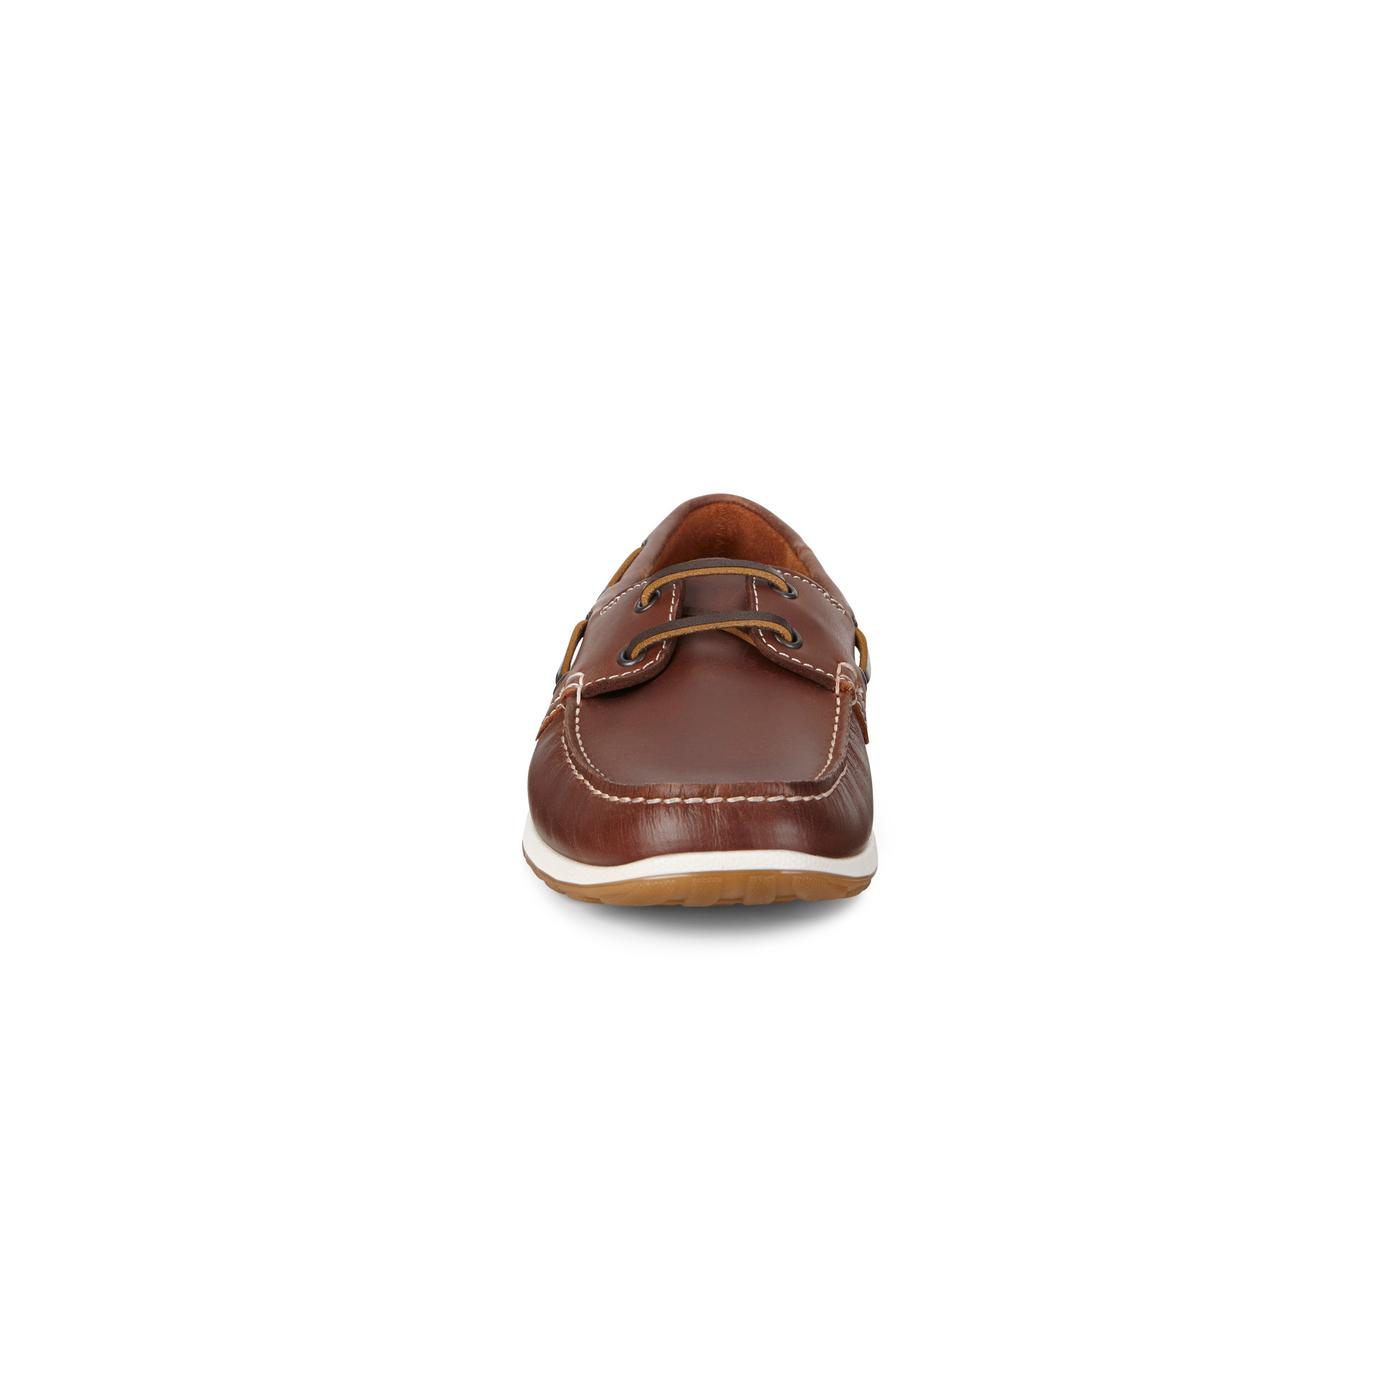 ECCO RECIPRICO Deck Shoes